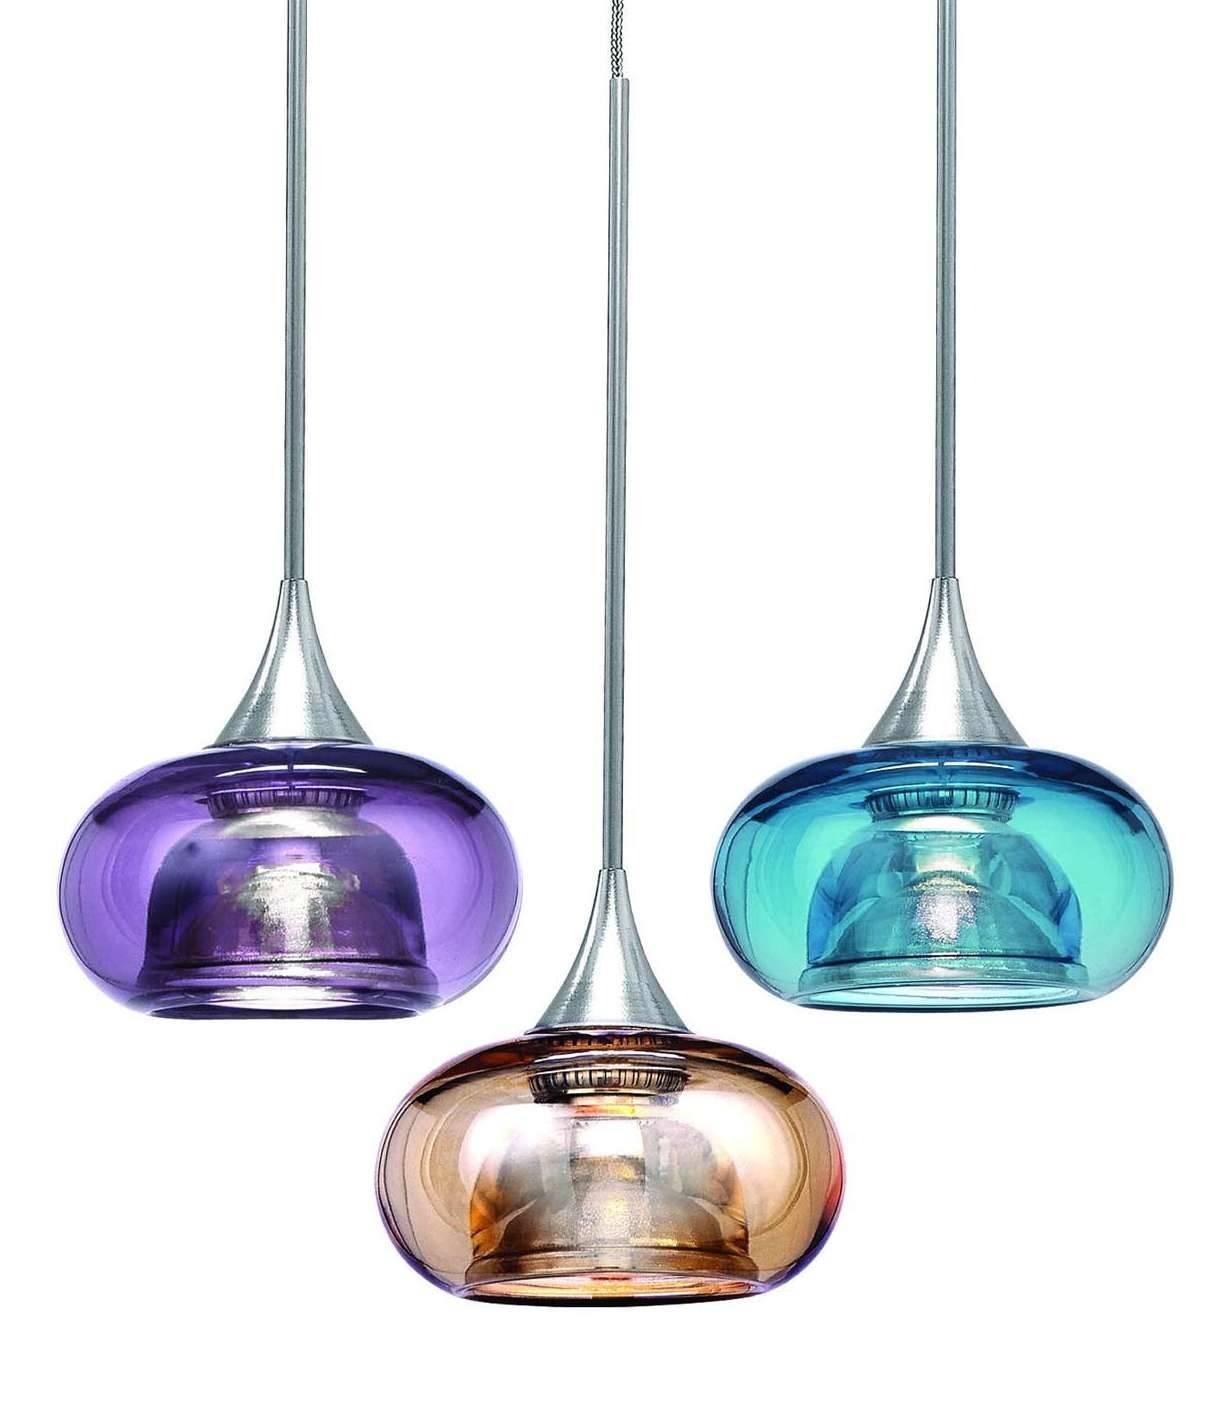 Screw In Pendant Lighting (Screw In Pendant Lighting) | House Lighting With Screw In Pendant Lights Fixtures (View 7 of 15)